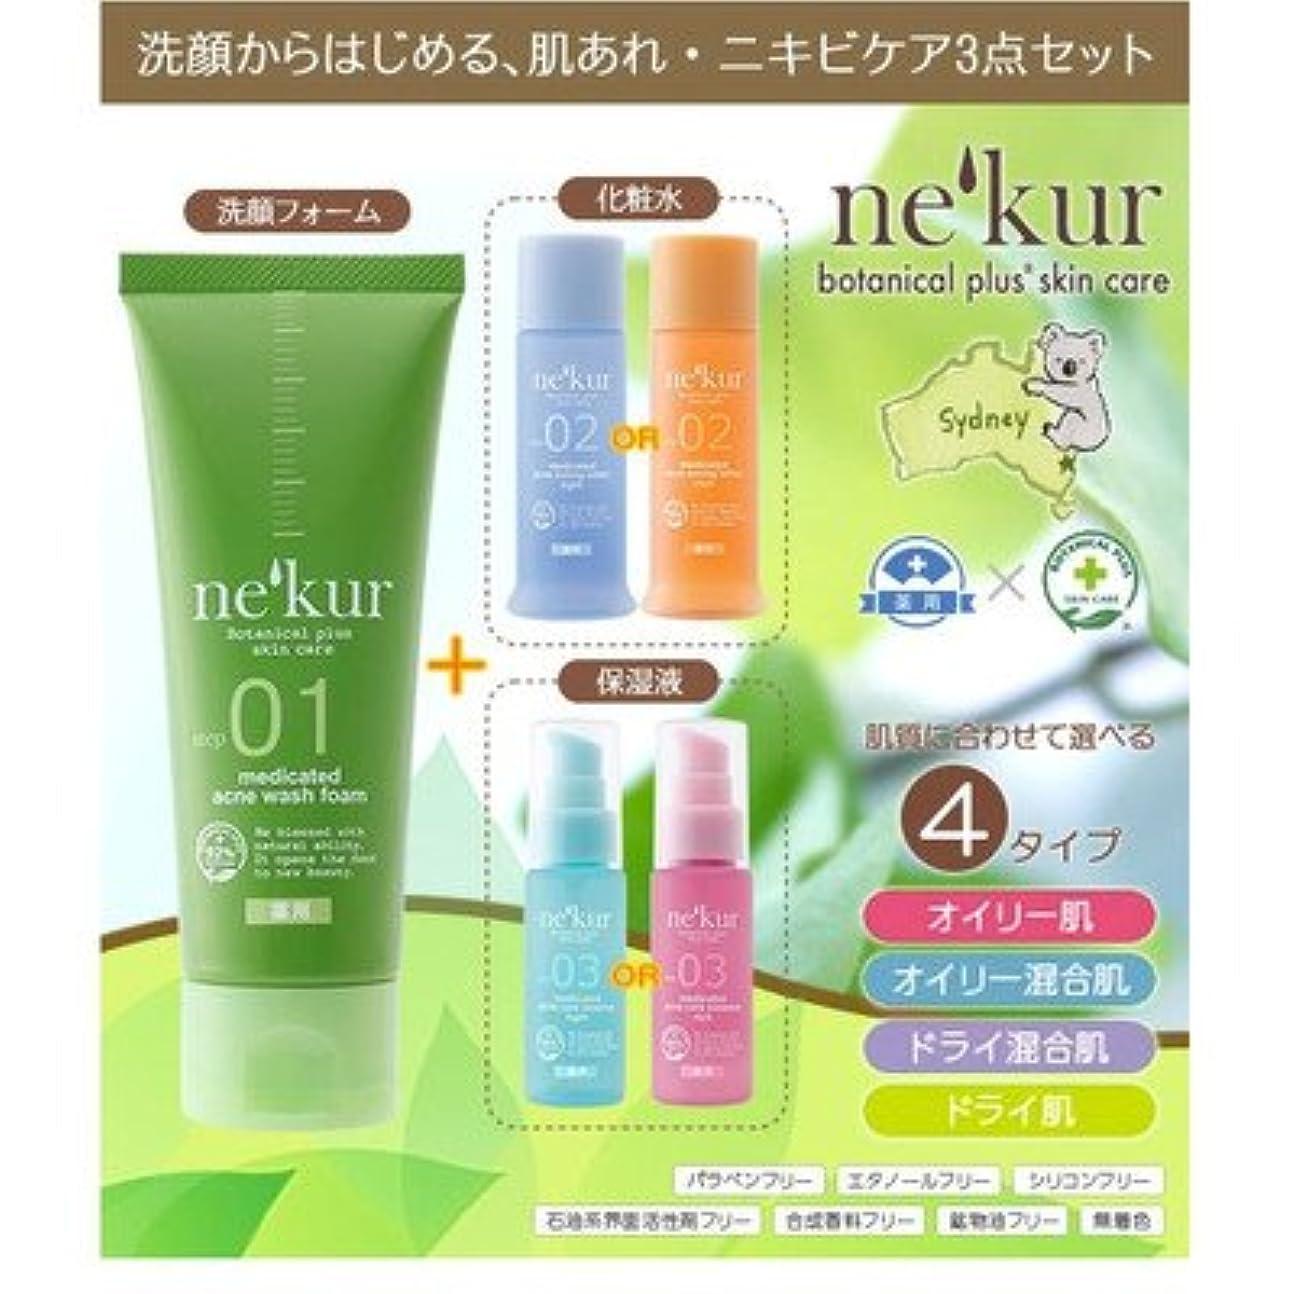 とても多くの用心深い黒くするネクア(nekur) ボタニカルプラススキンケア 薬用アクネ洗顔3点セット オイリー肌セット( 画像はイメージ画像です お届けの商品はオイリー肌セットのみとなります)